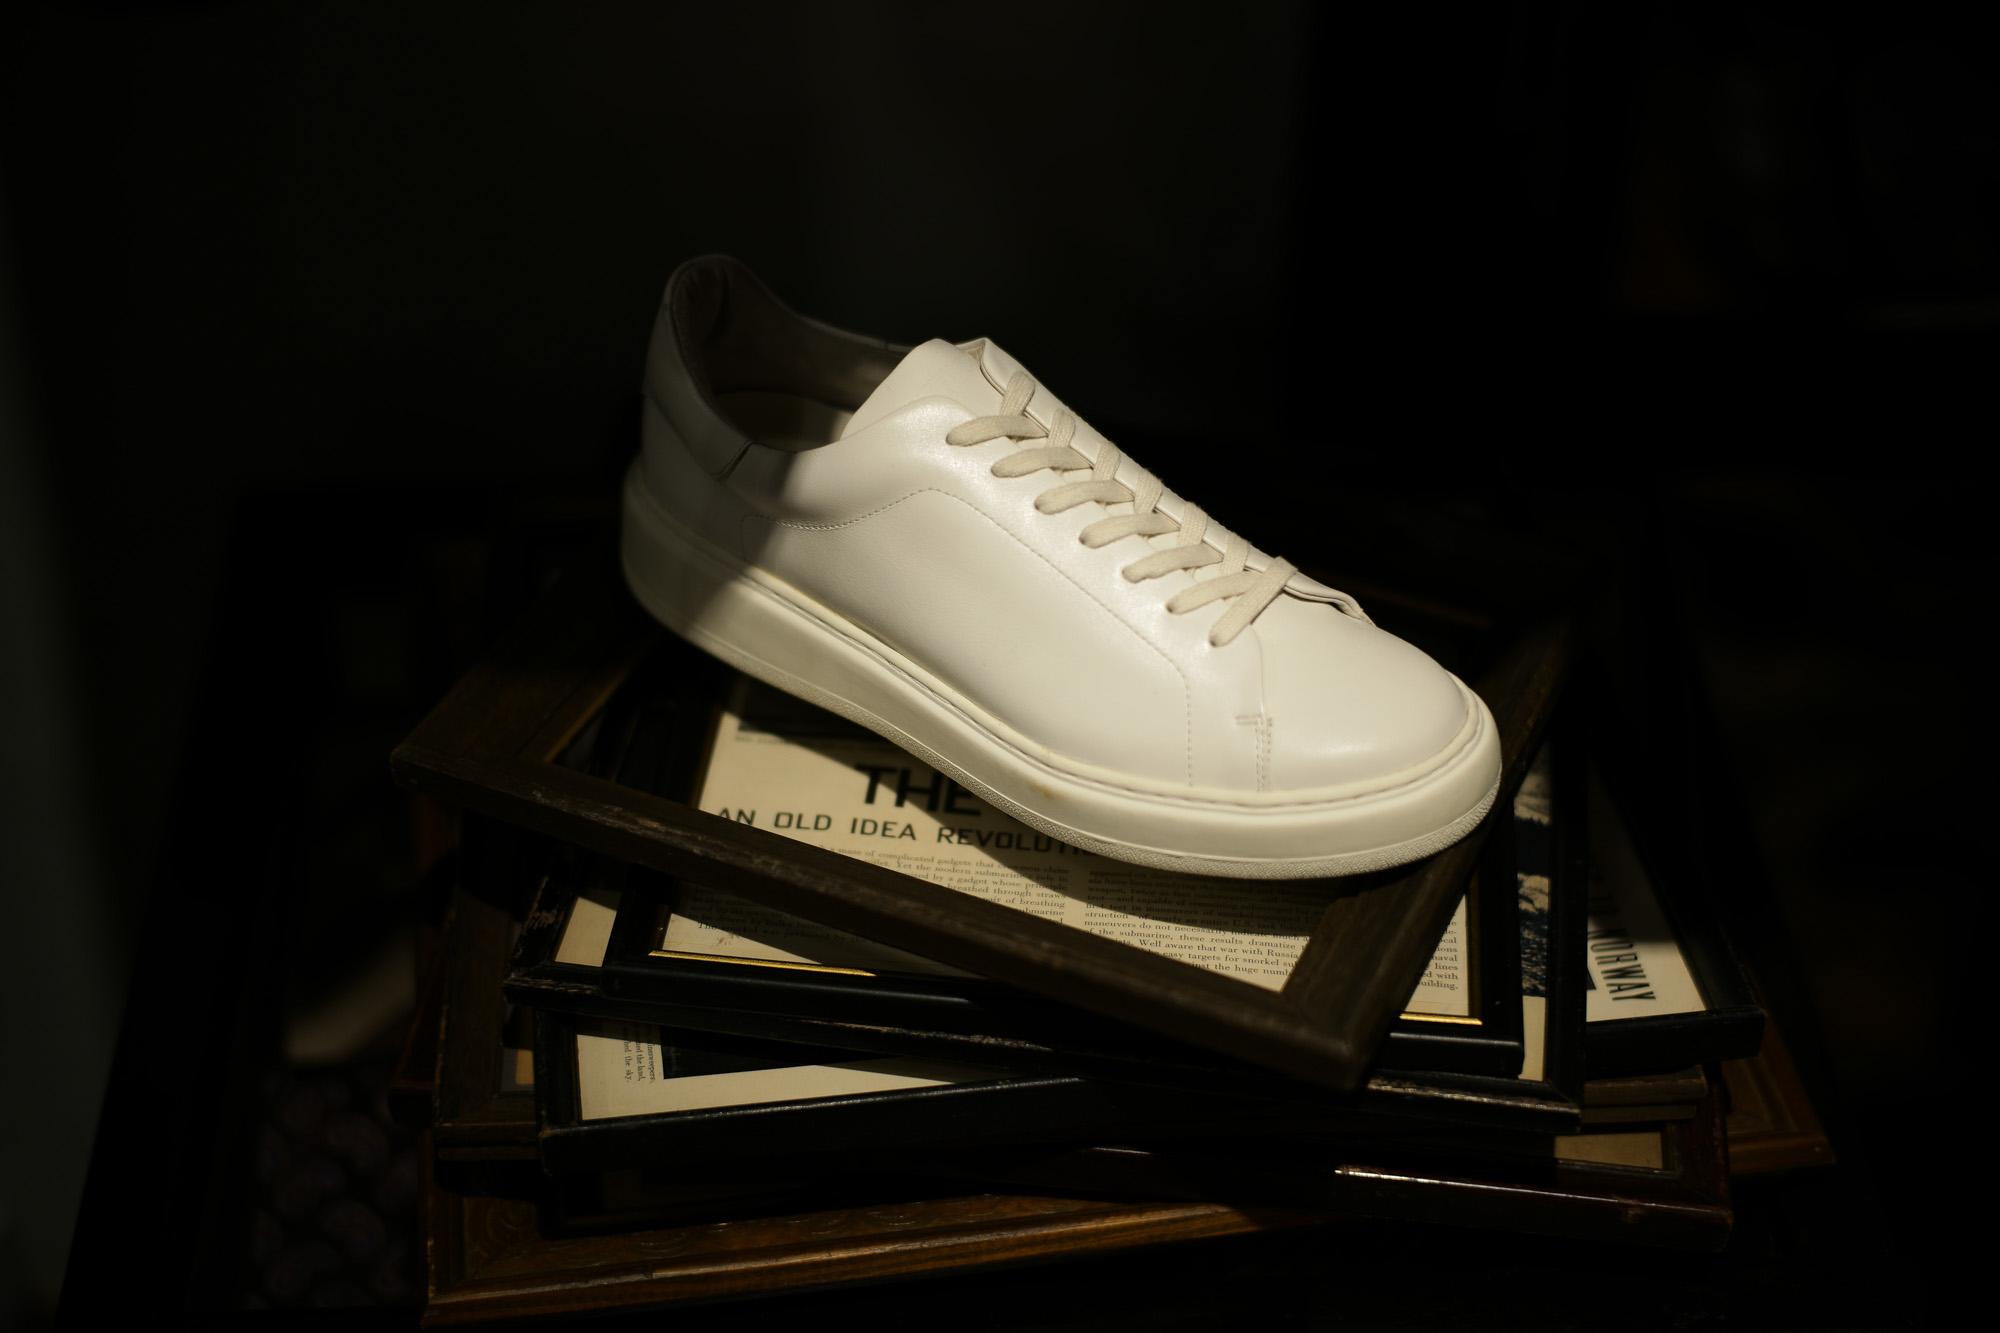 PATRICK(パトリック) CRUISE LINE クルーズライン GENOVA (ジェノバ) Annonay Vocalou Calf Leather (アノネイ社 ボカルーカーフ レザー) ローカット レザー スニーカー WHITE (ホワイト・WHT) MADE IN JAPAN(日本製) 【1st コレクション // 復刻モデル】【スペシャル限定モデル】【第2便ご予約受付中】【第3便ご予約受付中】【第4便ご予約受付開始】 patrick パトリック cruiseline クルーズライン 愛知 名古屋 Alto e Diritto アルト エ デリット 干場義雅 坪内浩